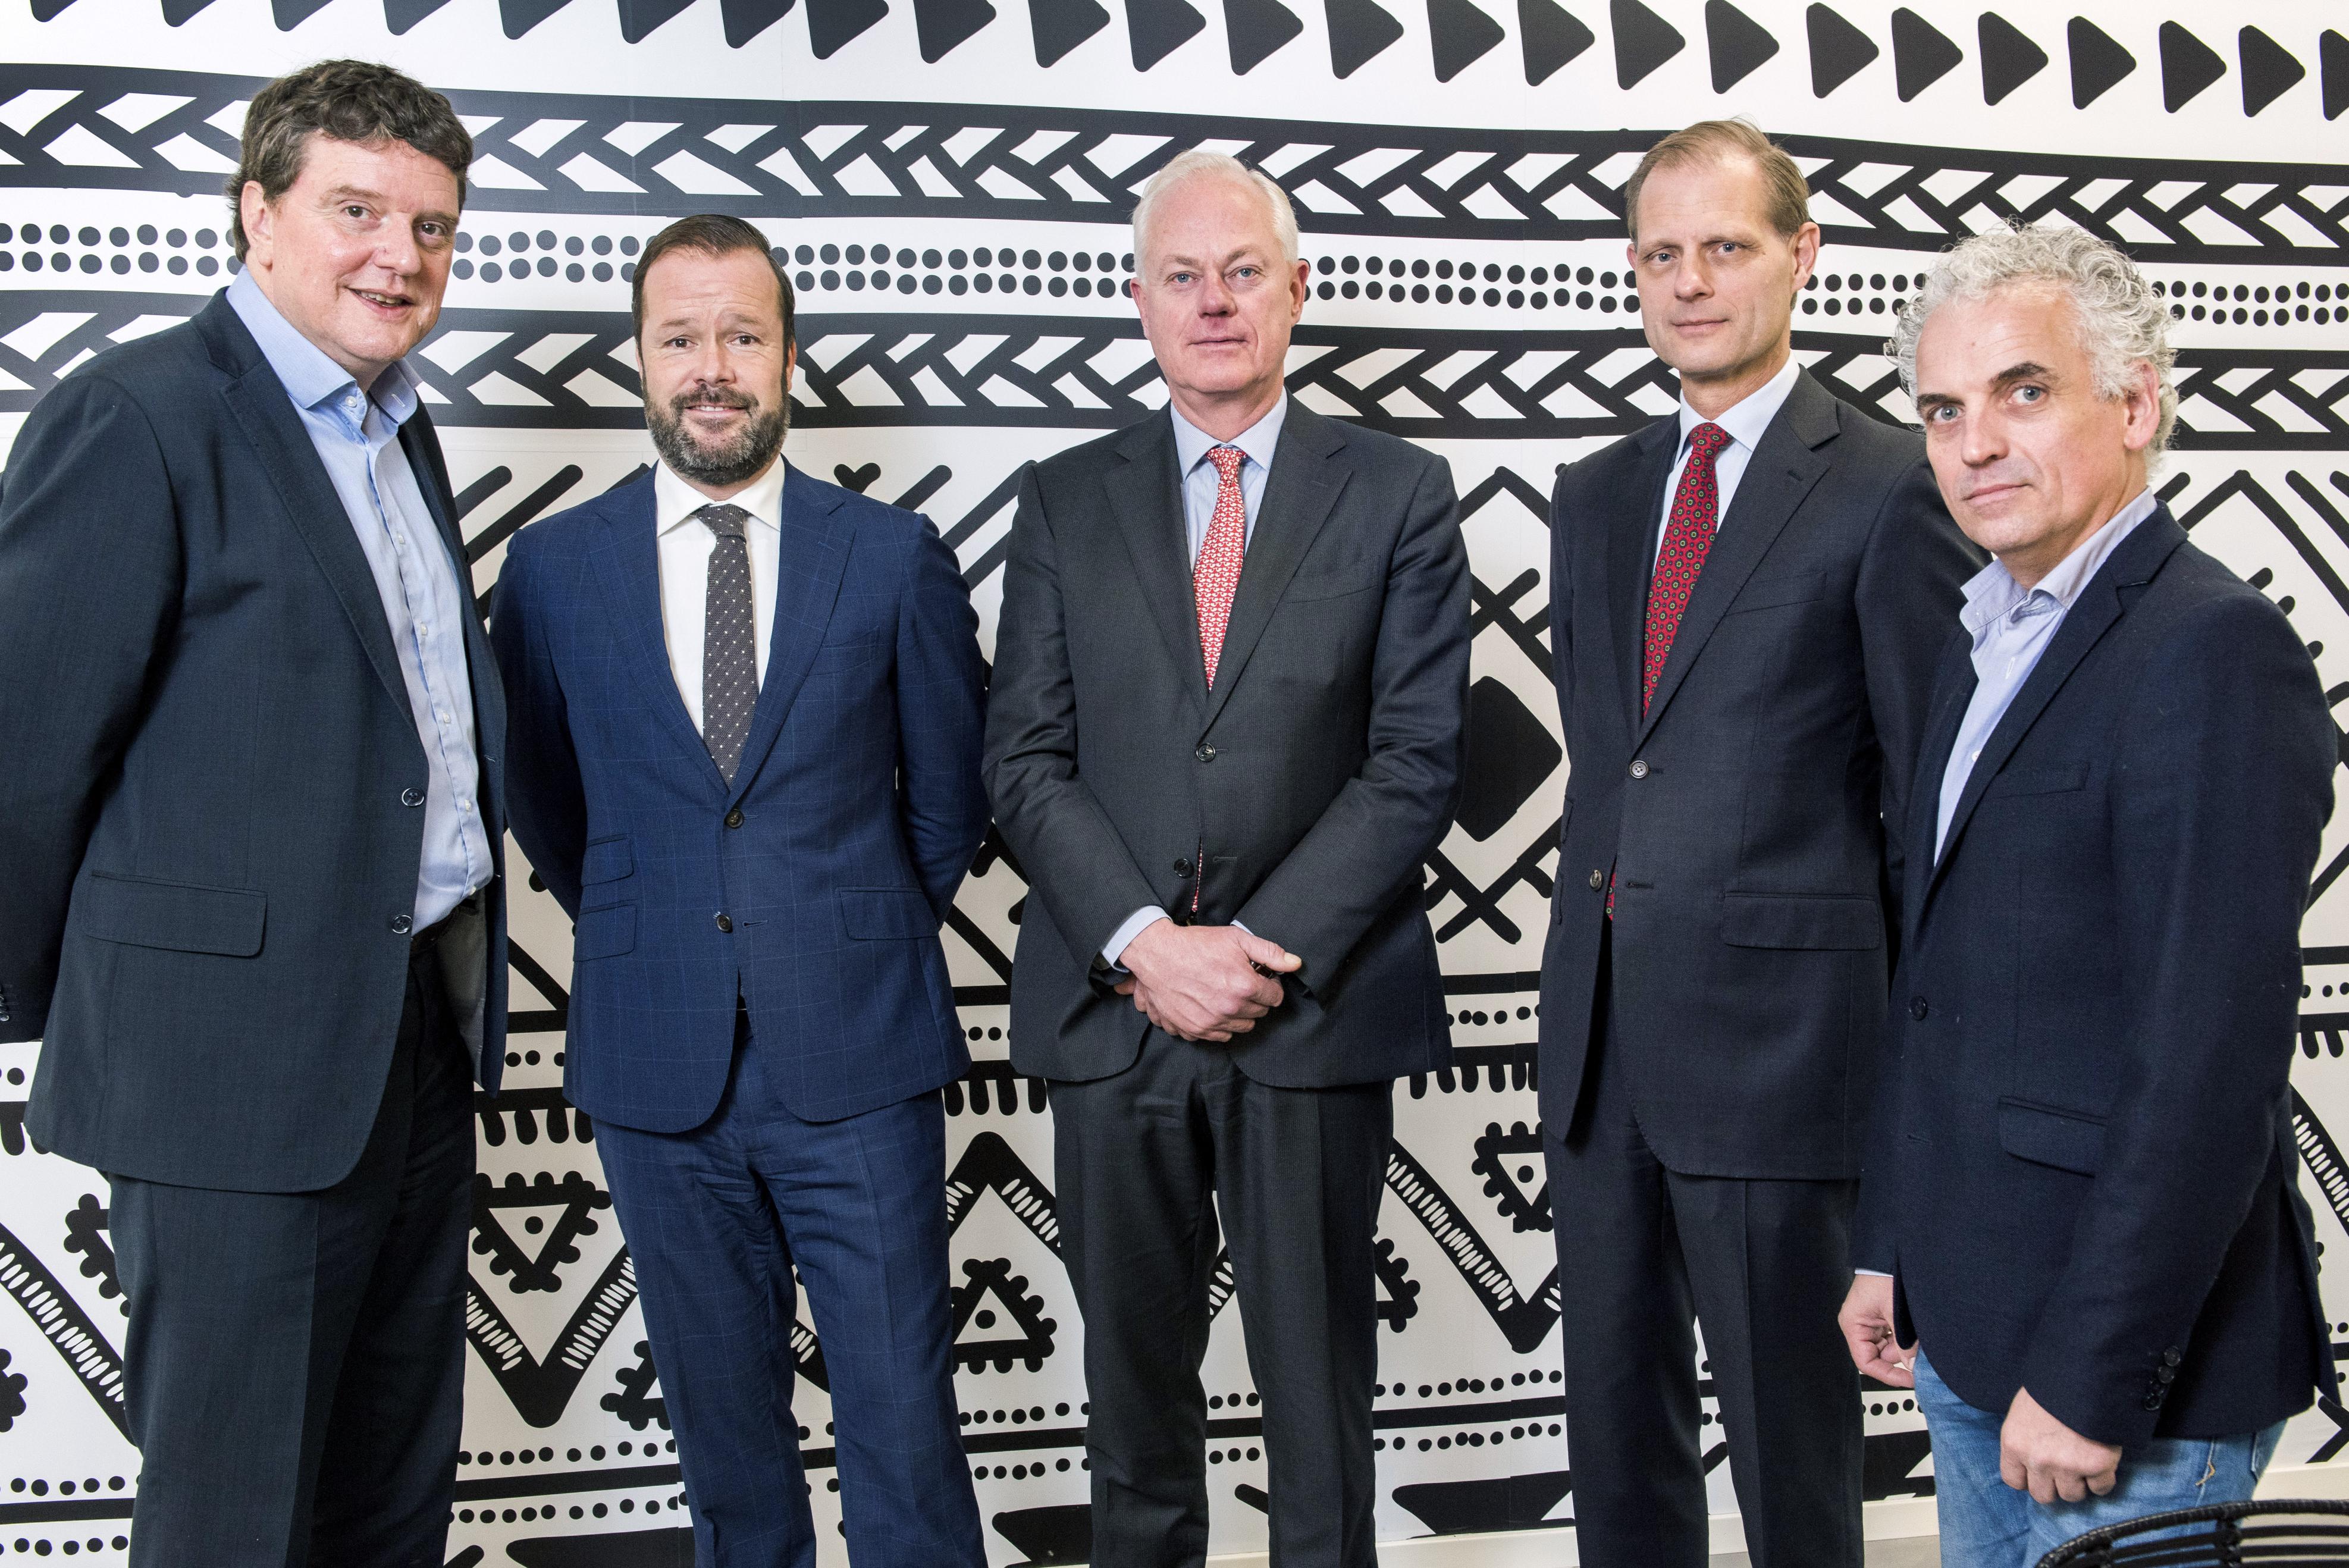 Johannes van Bentum, Wilfred van der Neut, Jan Willem van Roggen, Roel Vollebregt en Boris van der Gijp